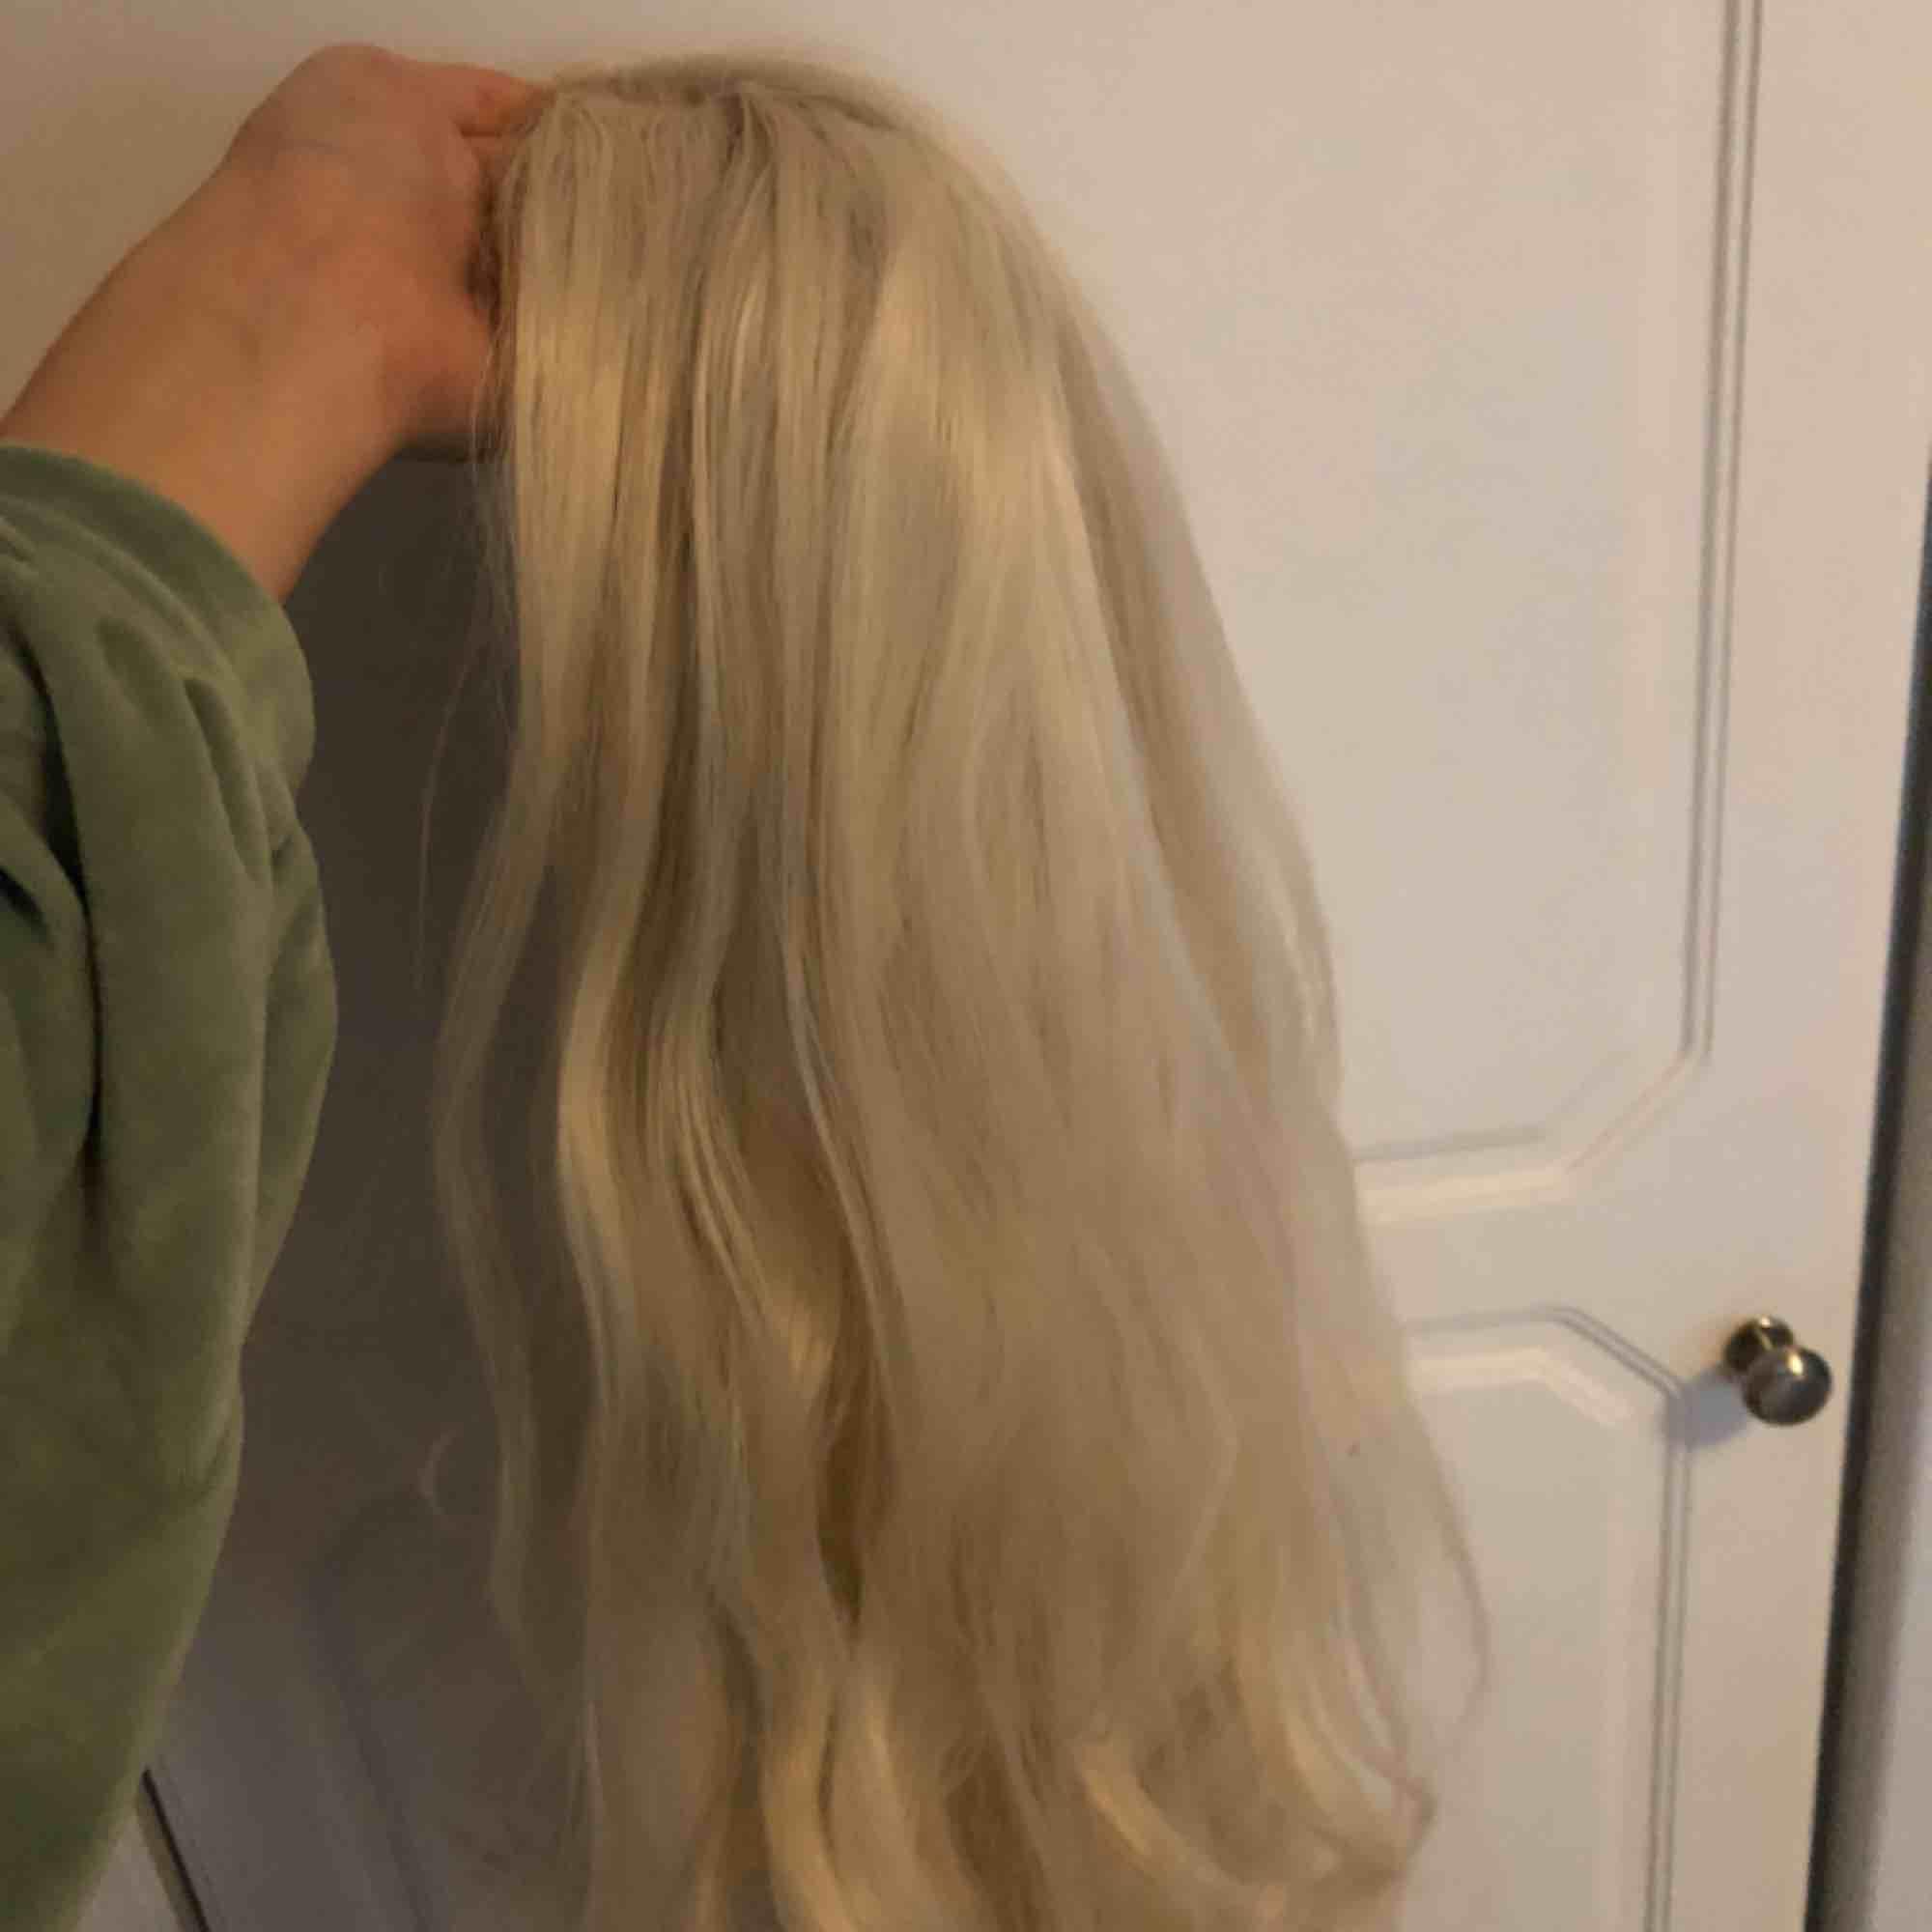 Lace front peruk i platinum blonde, naturtroget hår med babyhairs! Inköpt för runt tusenlappen. Känns och ser ut som vanligt hår, tål värme! Trasslar sig inte alls och kan tvättas i kallt vatten:). Accessoarer.